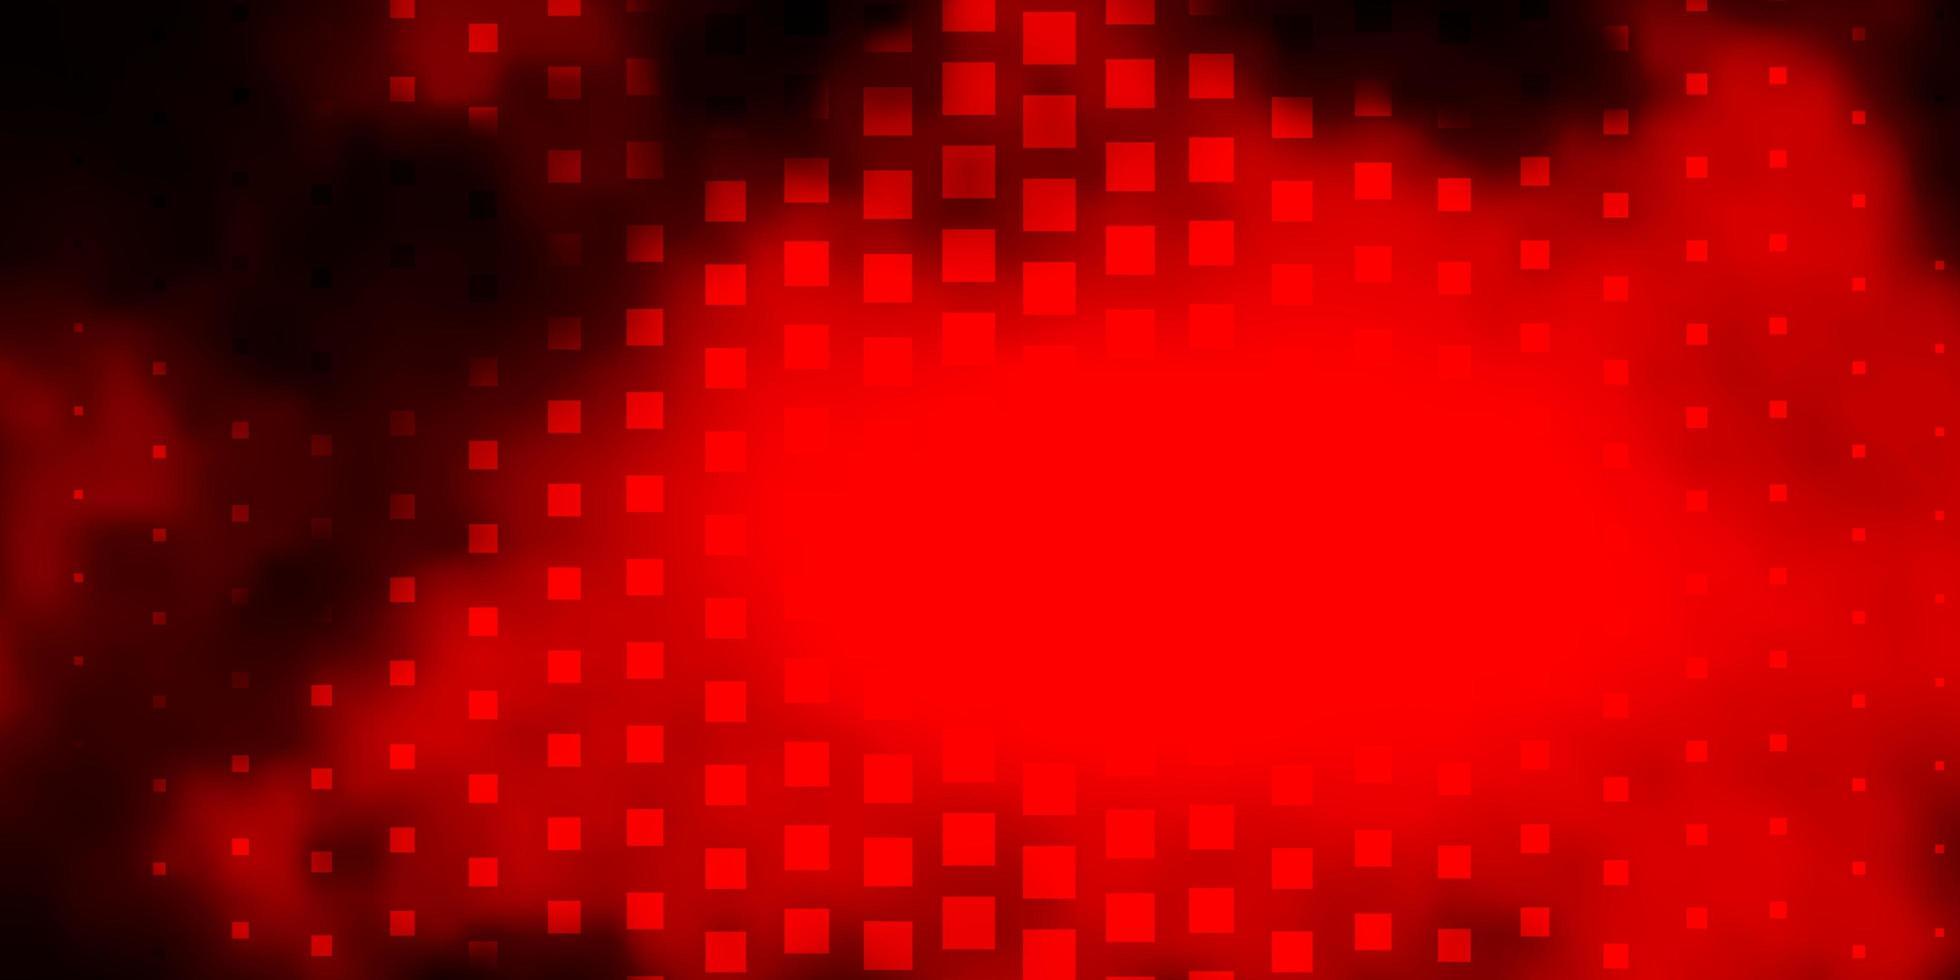 dunkelrotes Vektorlayout mit Linien, Rechtecken. vektor